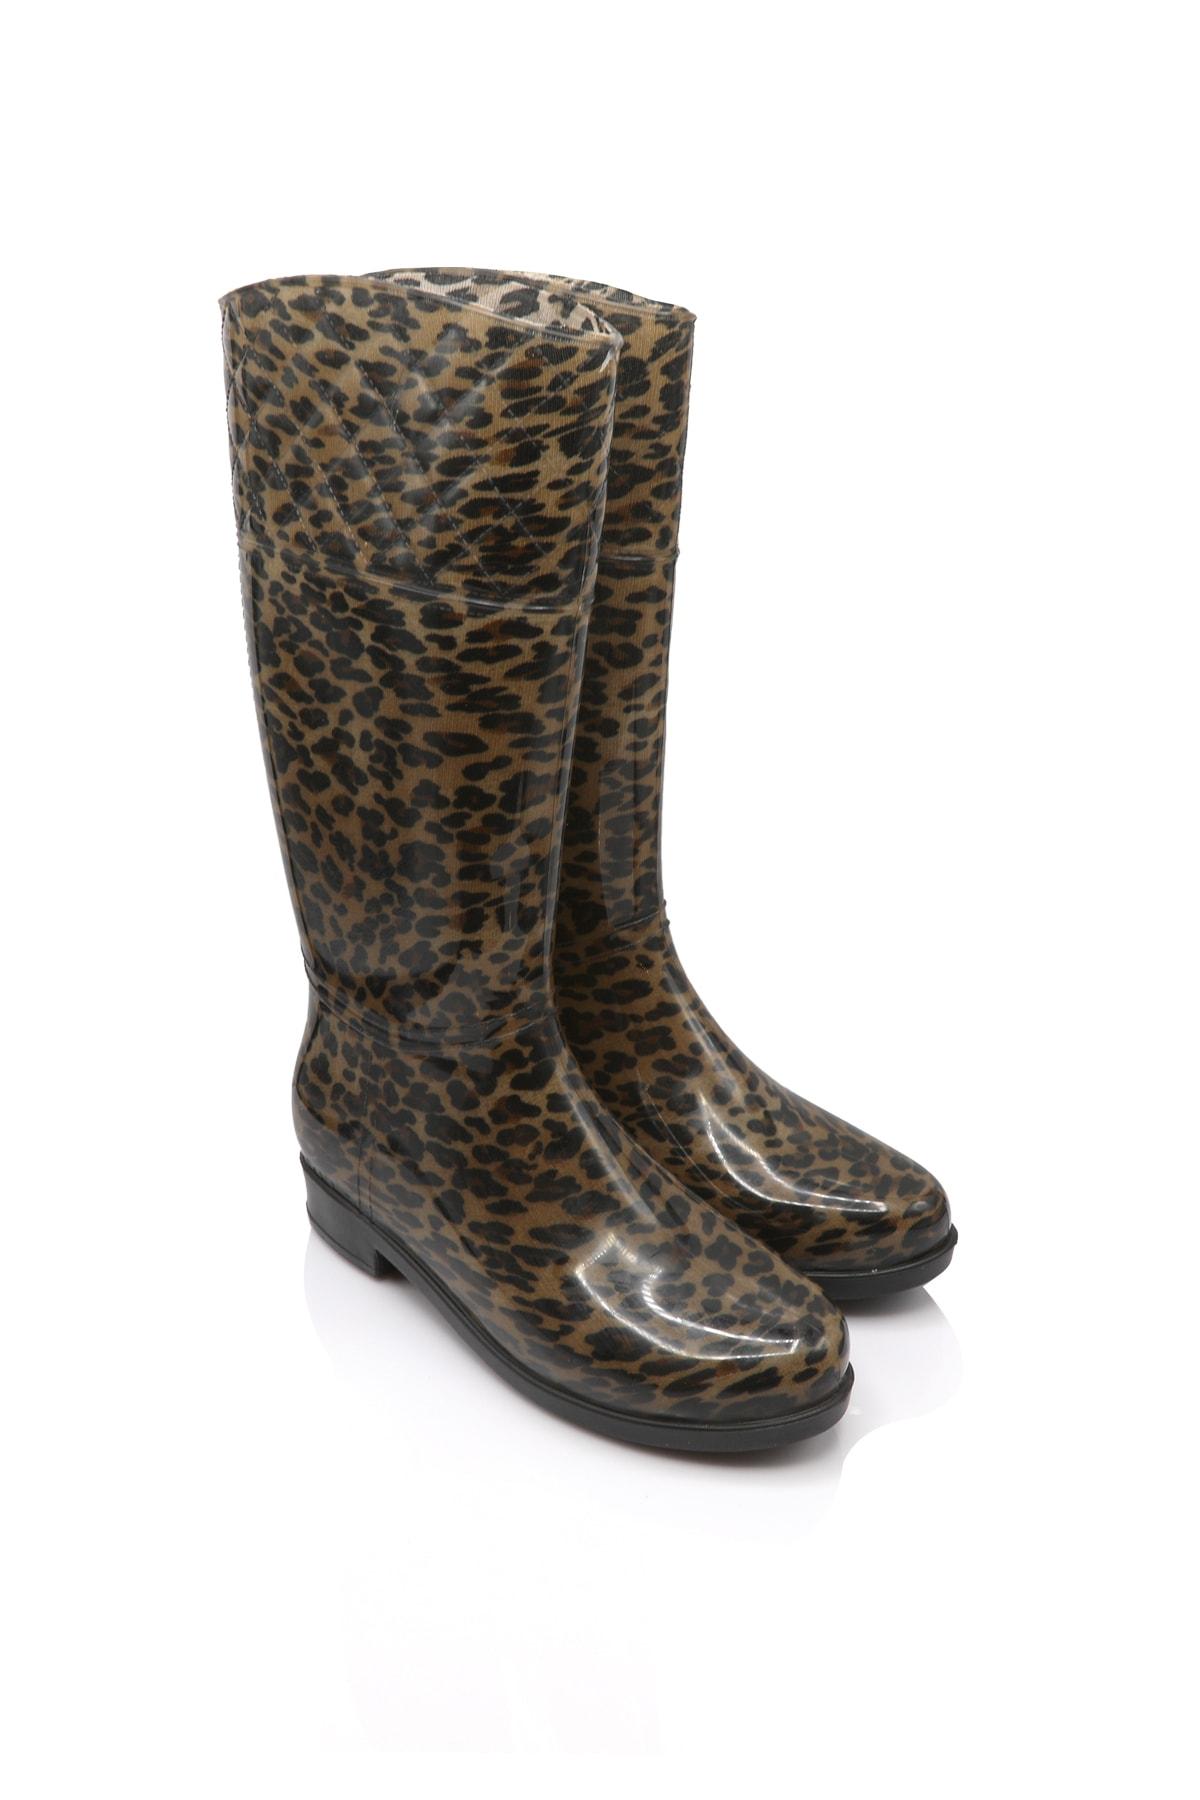 Twigy Tw Kolombiya 20 Leopar Kadın Yağmur Çizmesi 1